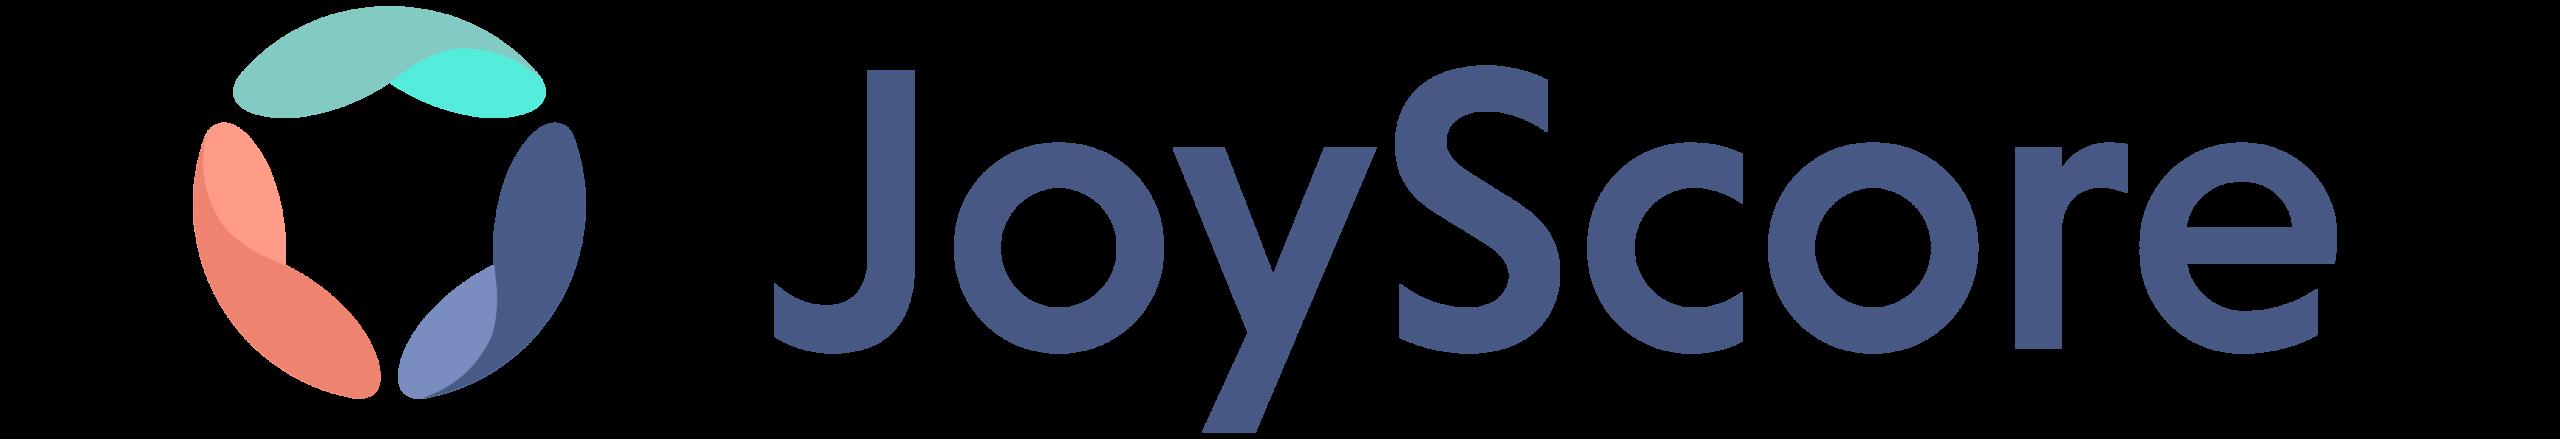 JoyScore